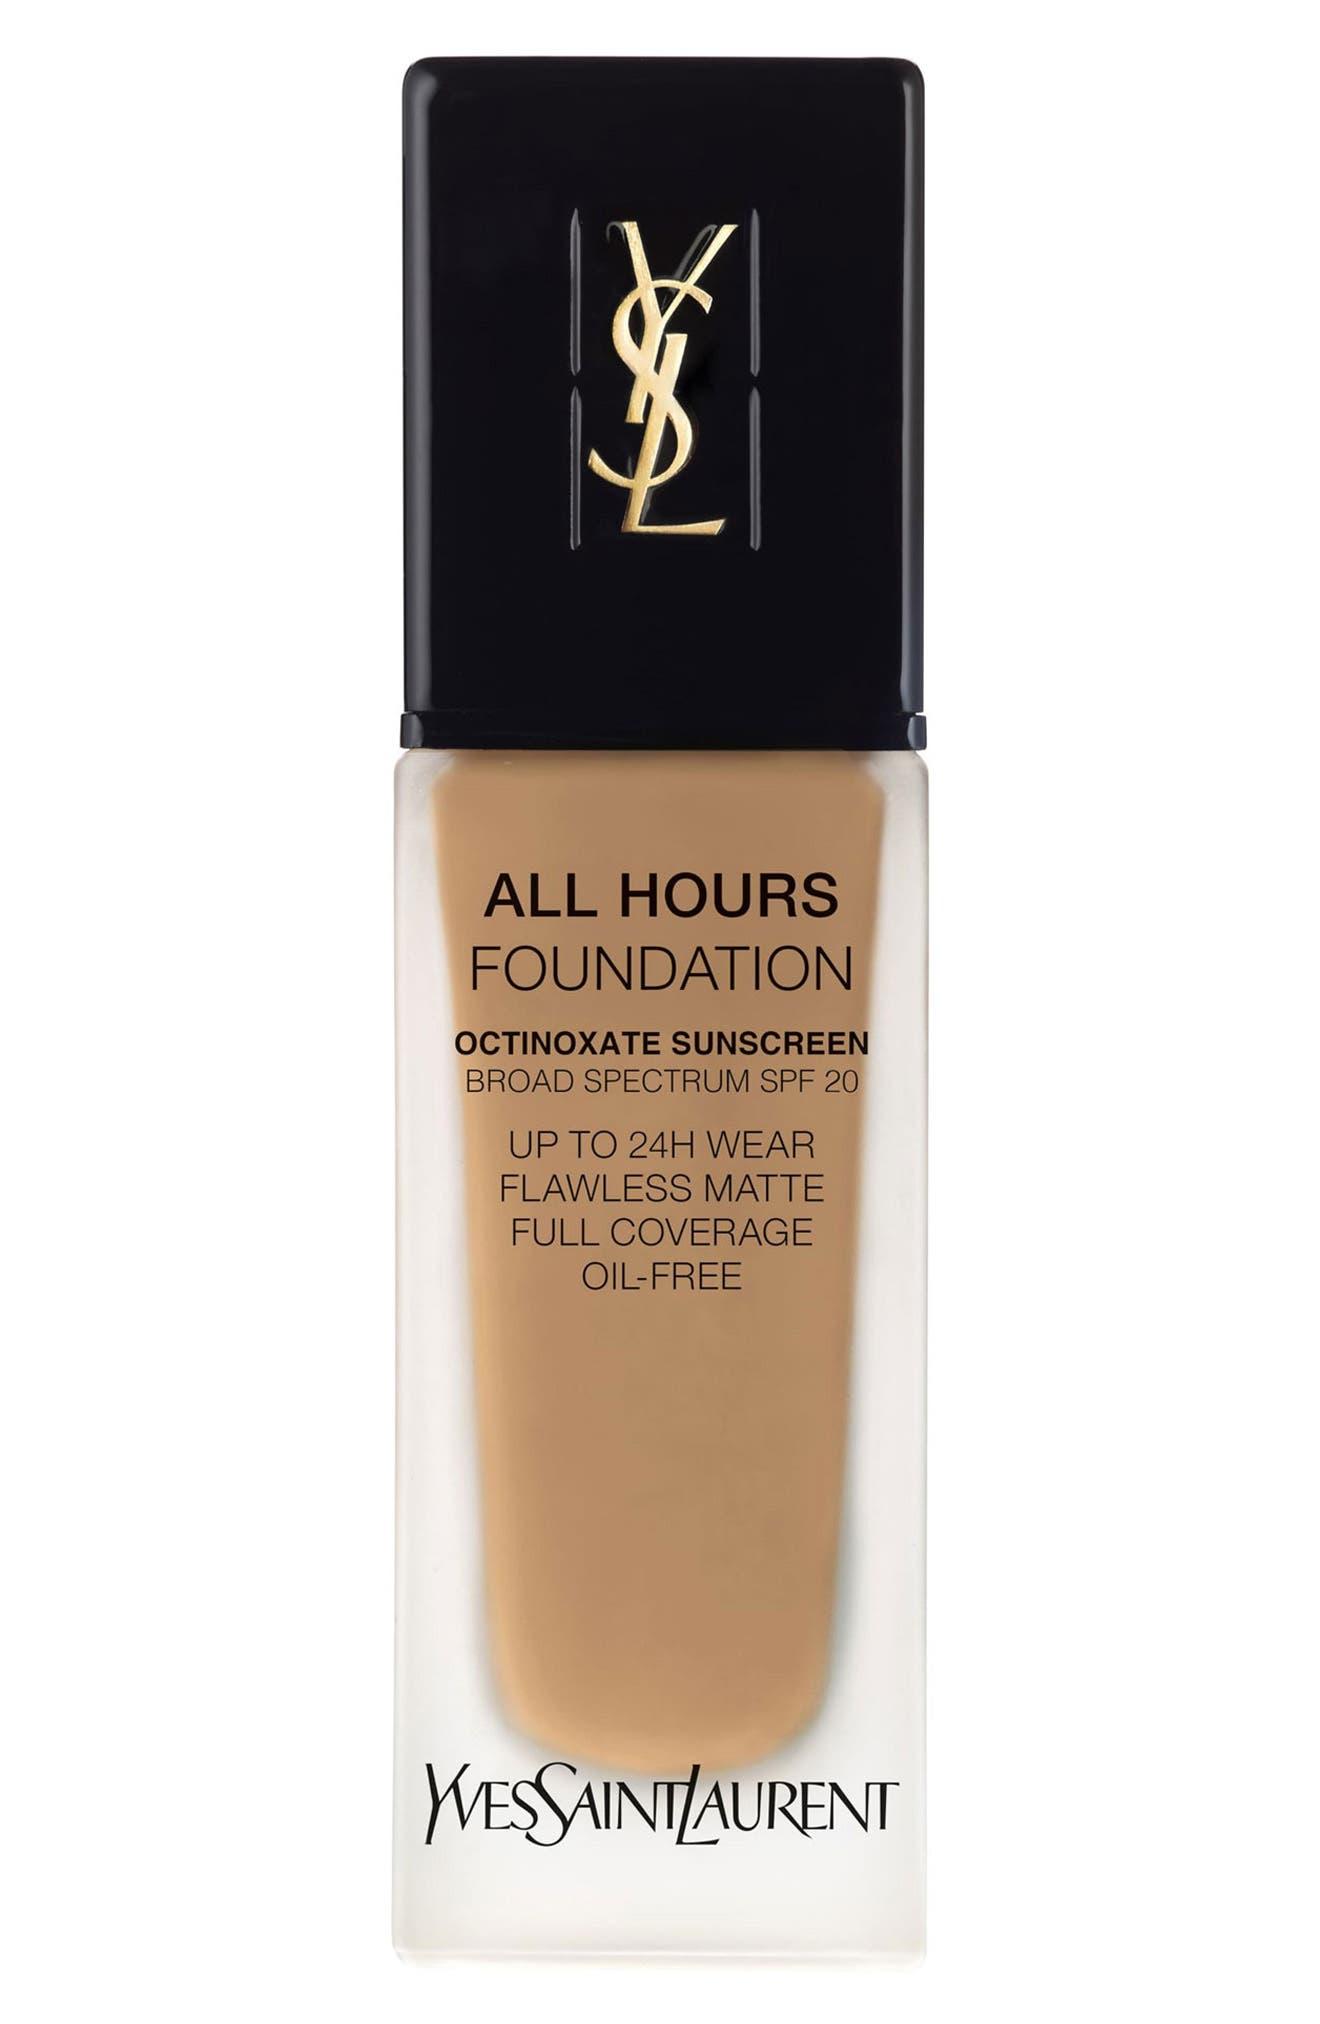 Yves Saint Laurent All Hours Full Coverage Matte Foundation Spf 20 - B65 Bronze